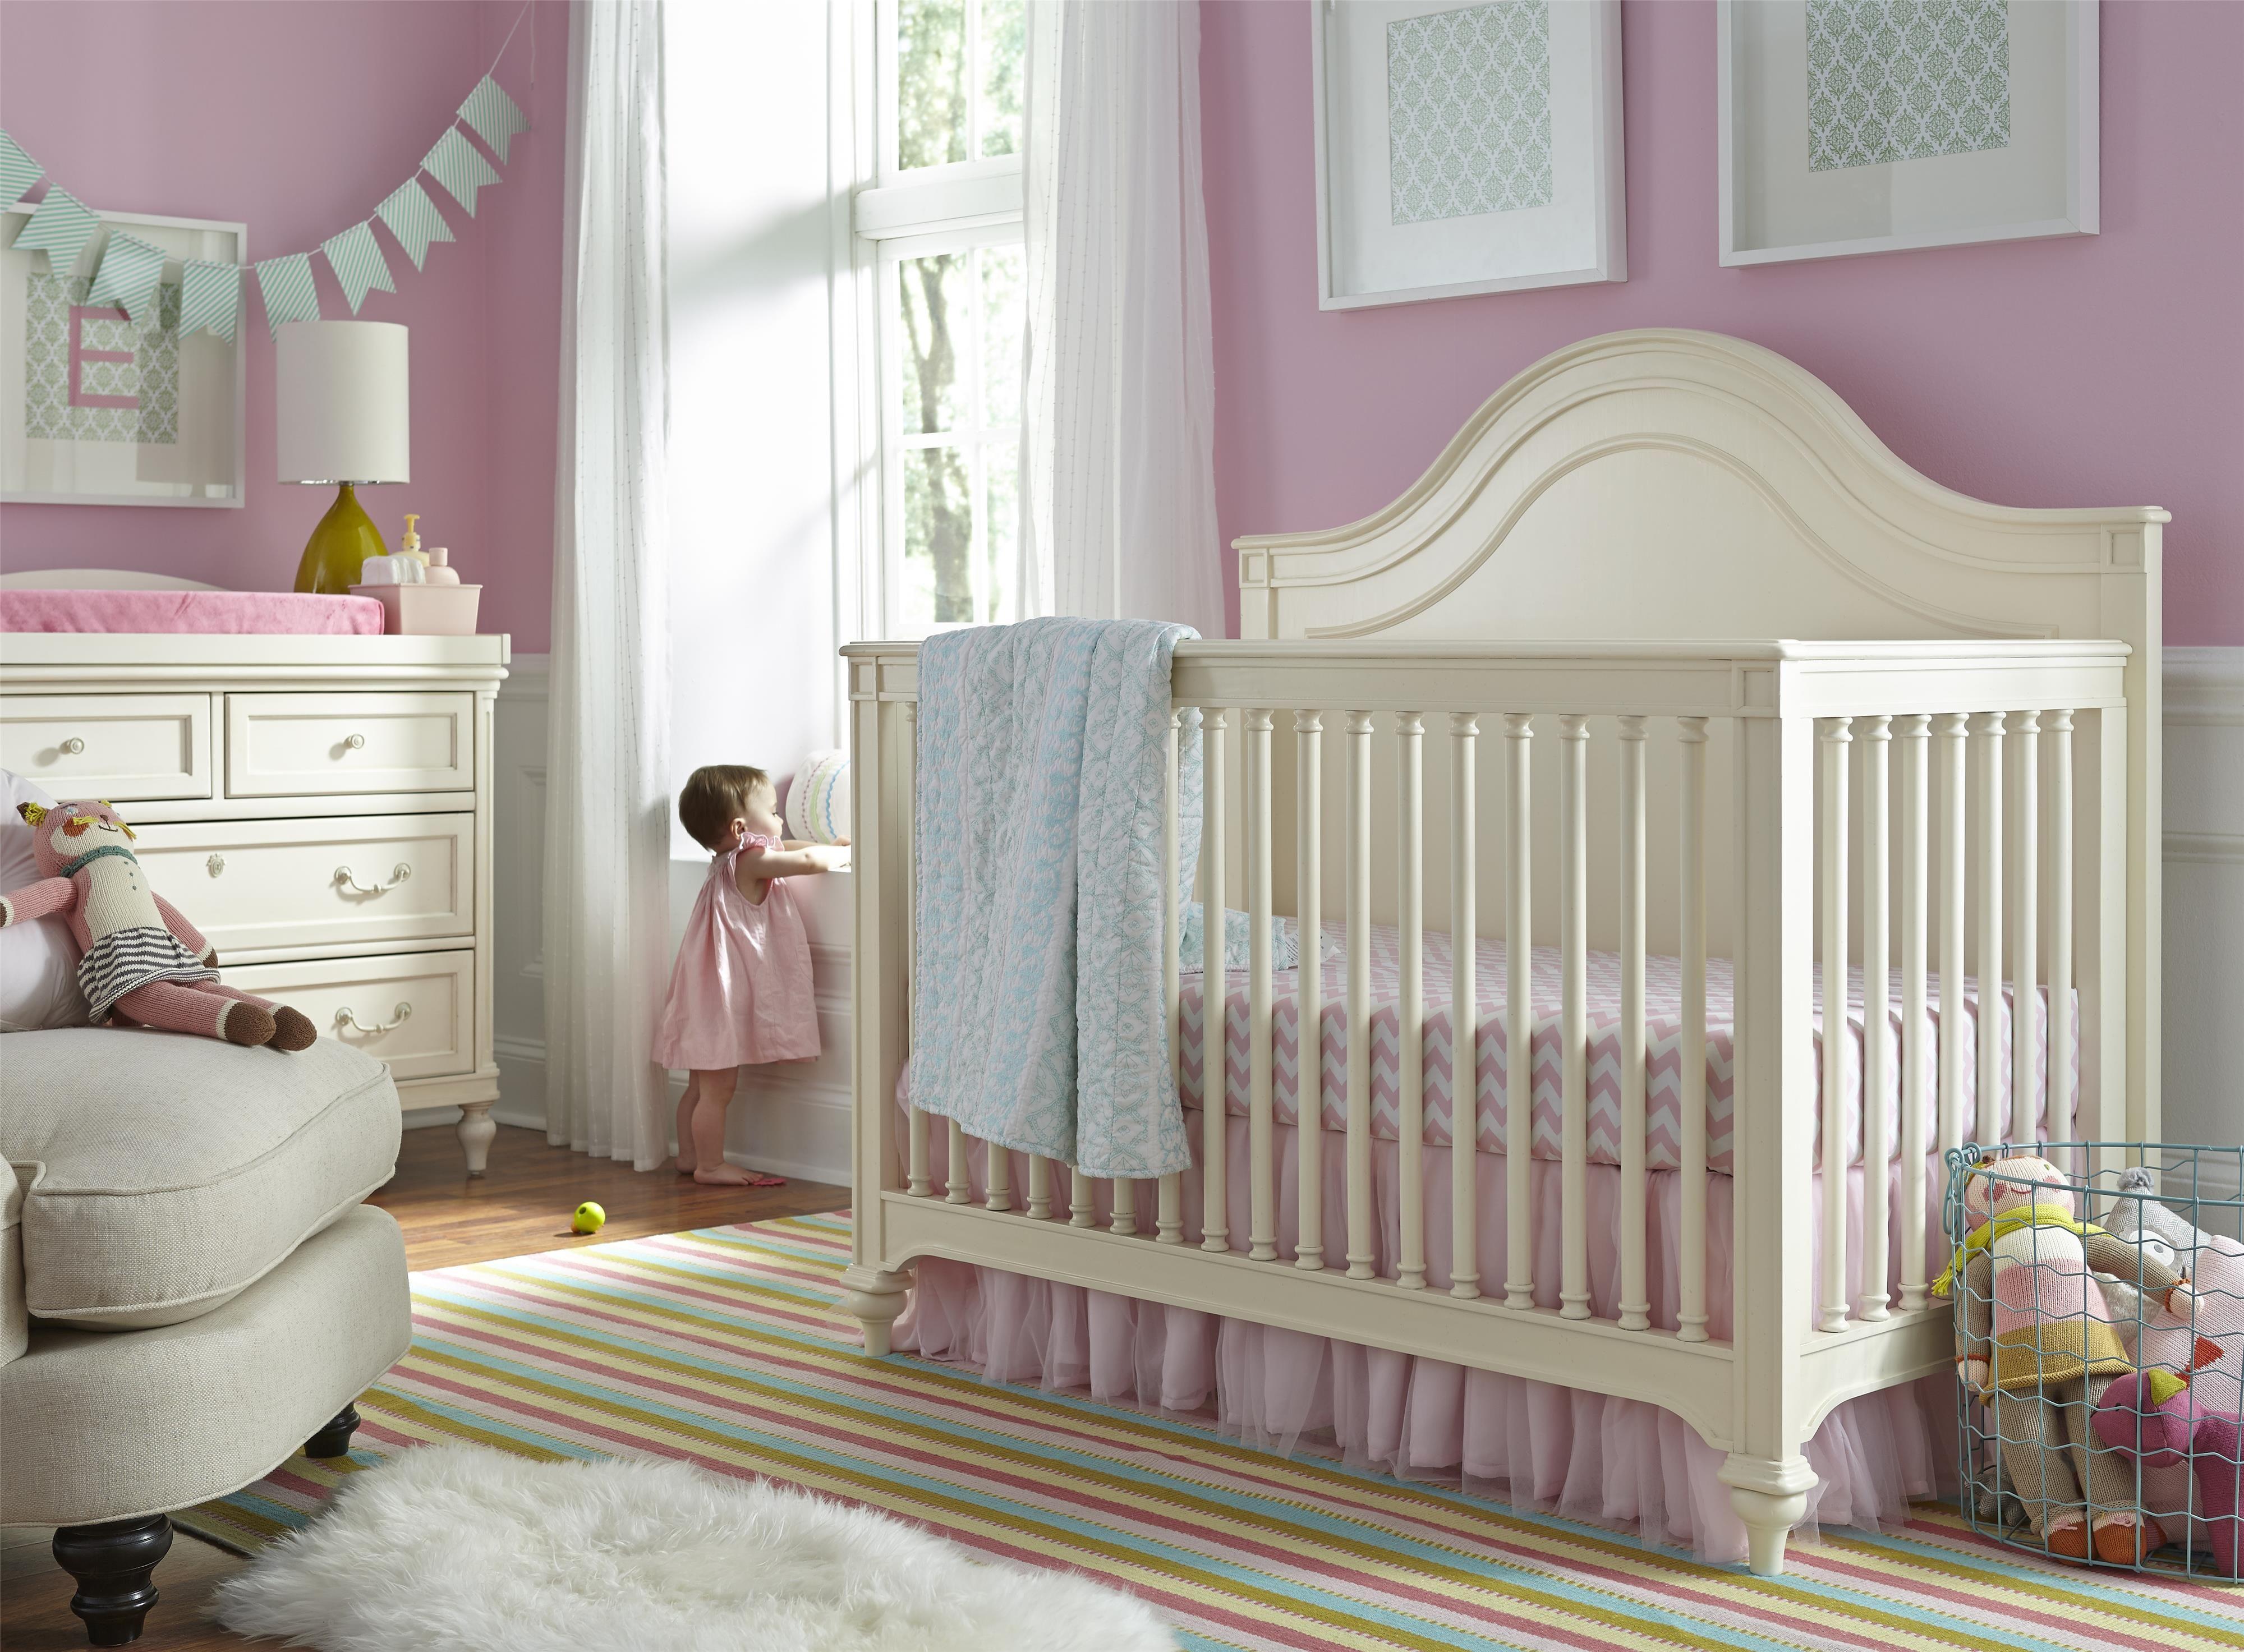 Gabriella (136a) By Universal Kids Smartstuff   Becker Furniture World   Universal  Kids Smartstuff